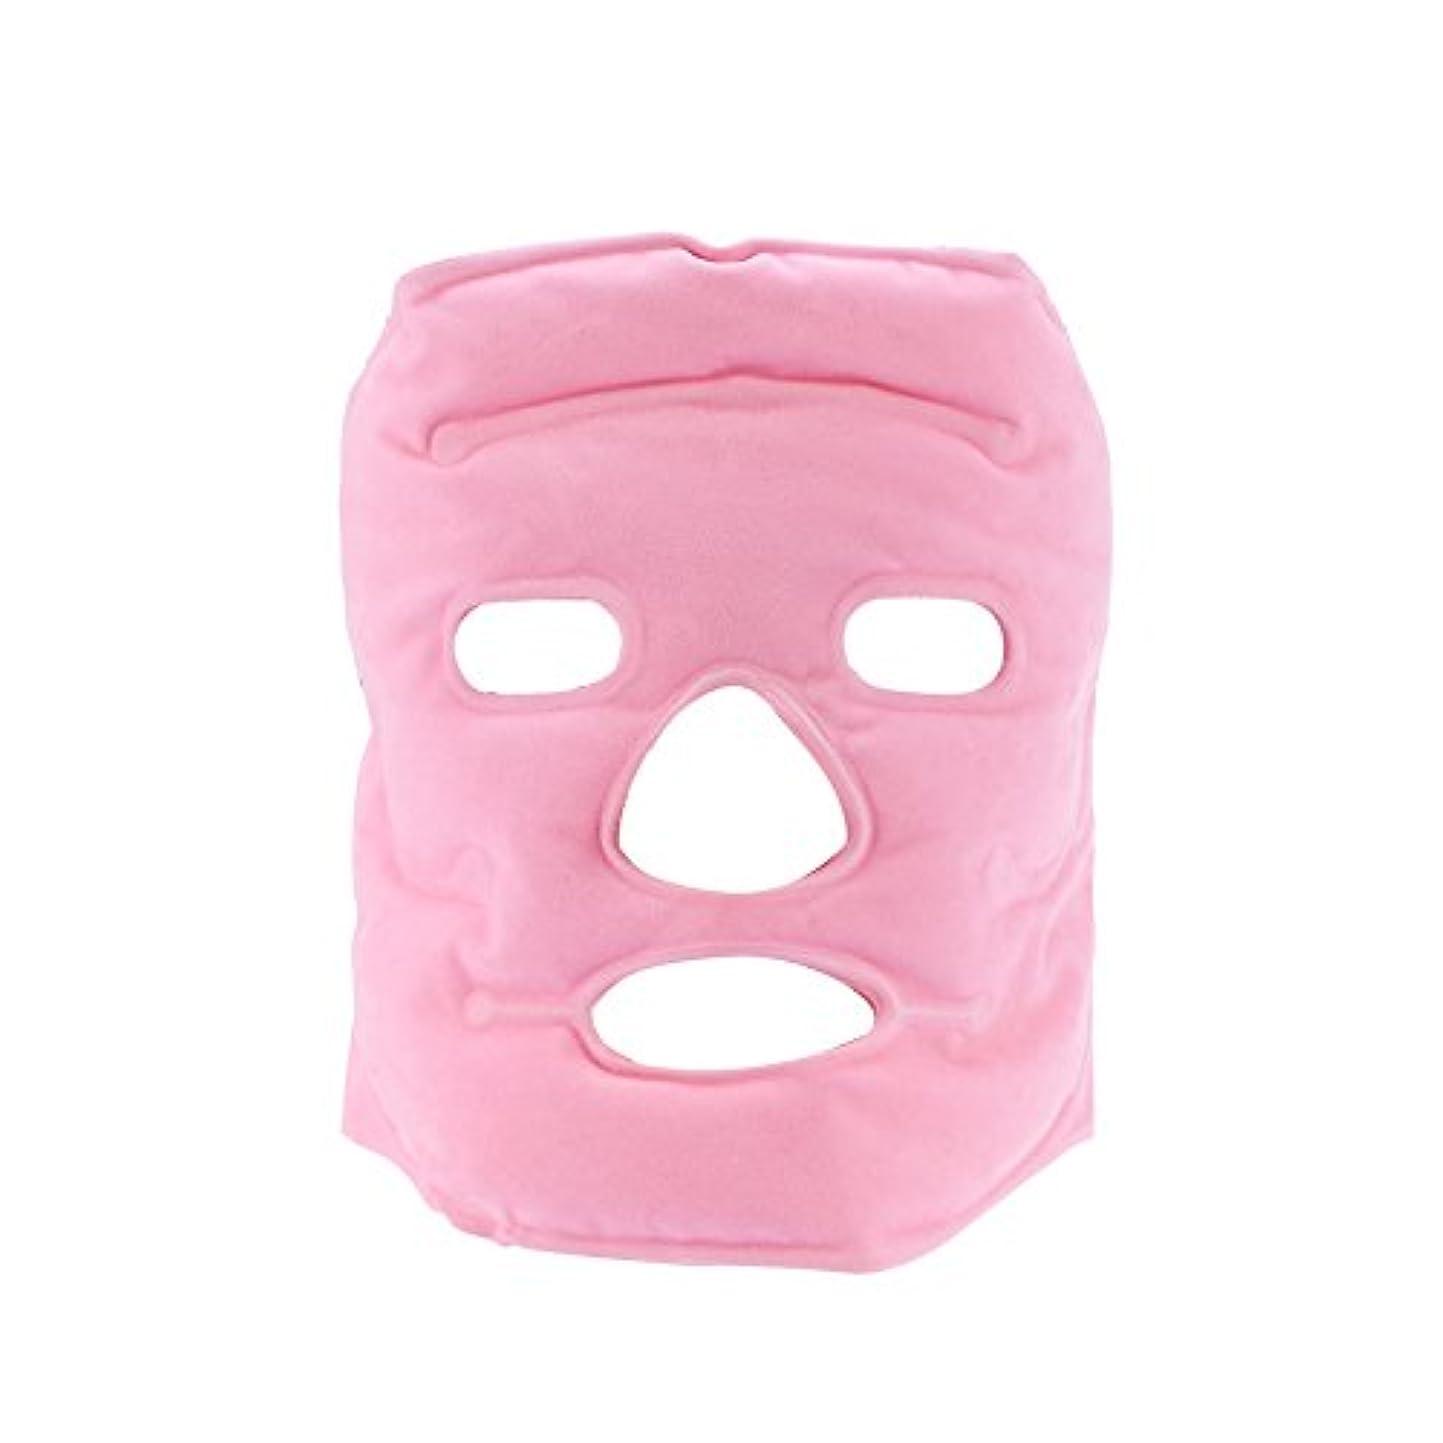 誘発する財産読者トルマリンフェイスマスク、フェイシャル美容マスク計器トルマリン磁気コールド/ホットコンプレッションマッサージアンチリンクルフェイスケア女性